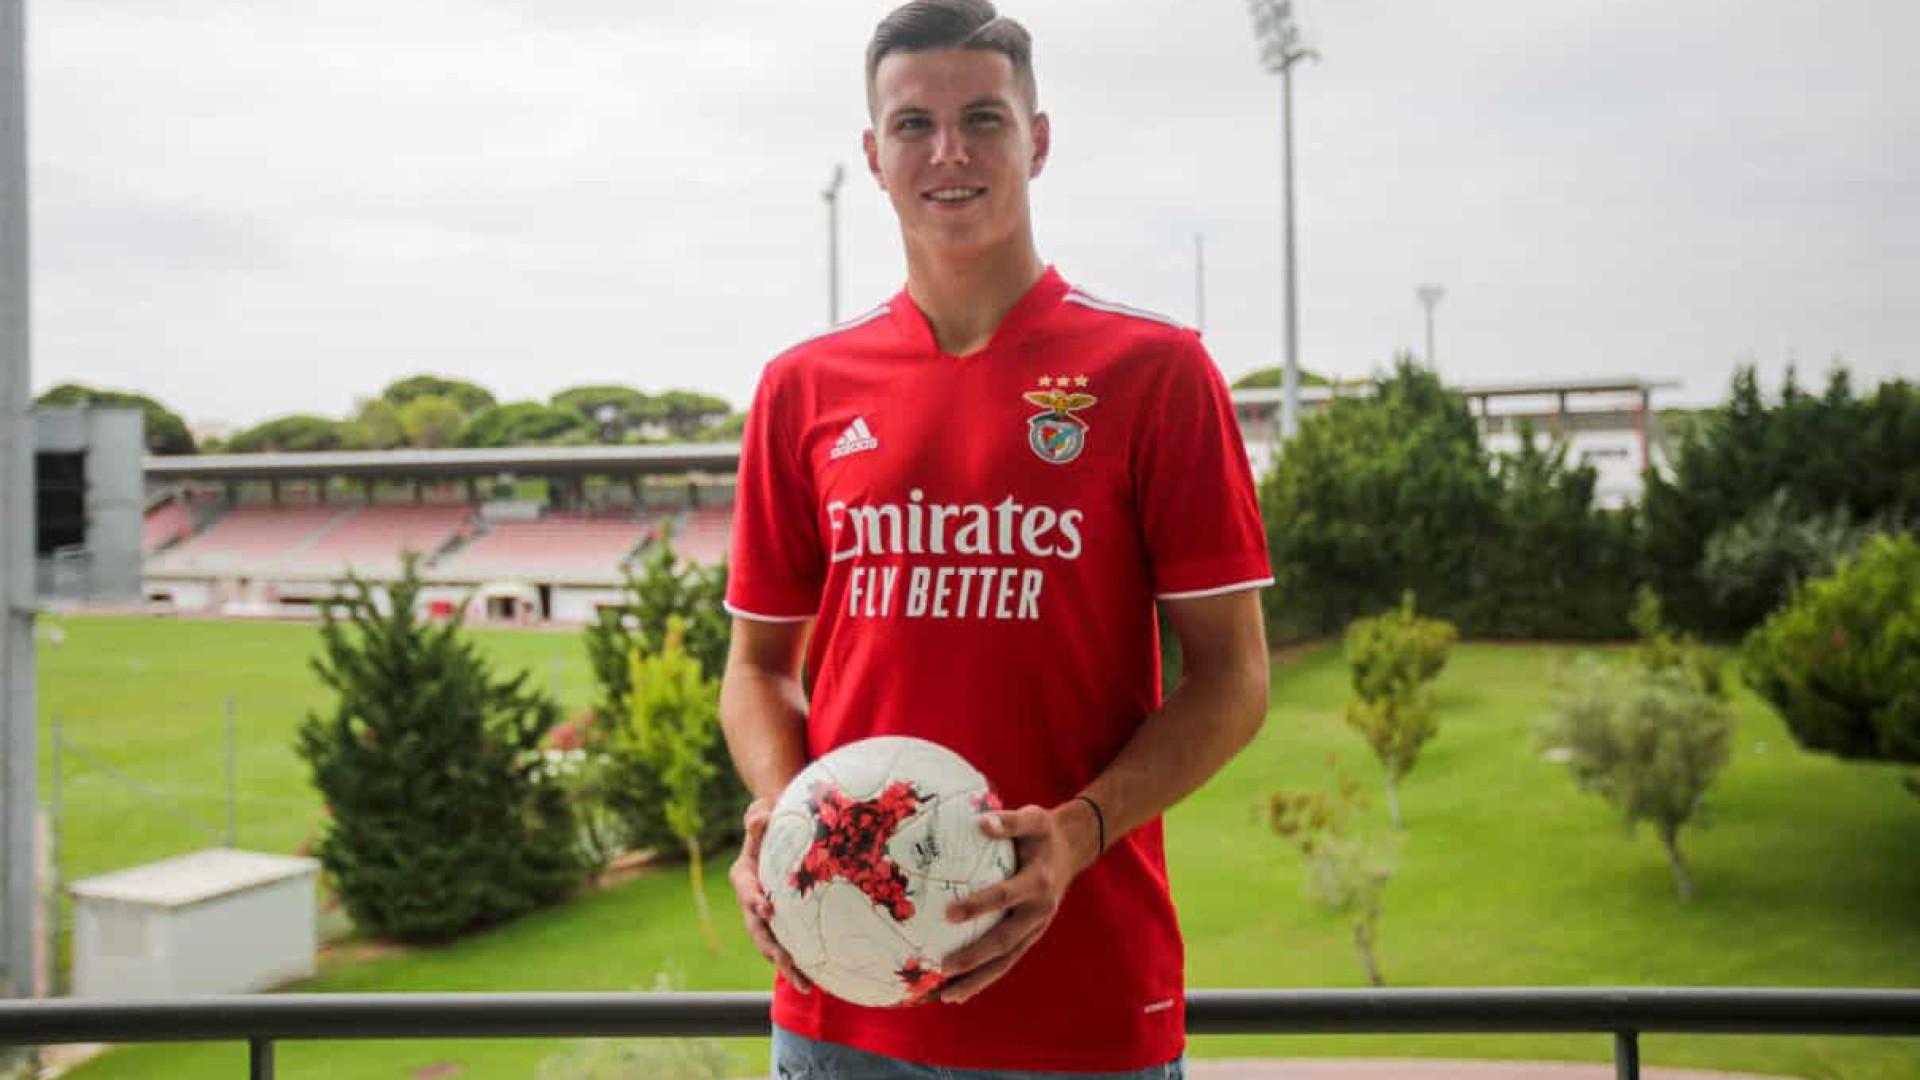 Oficial: Benfica renova contrato com jovem esloveno de 18 anos